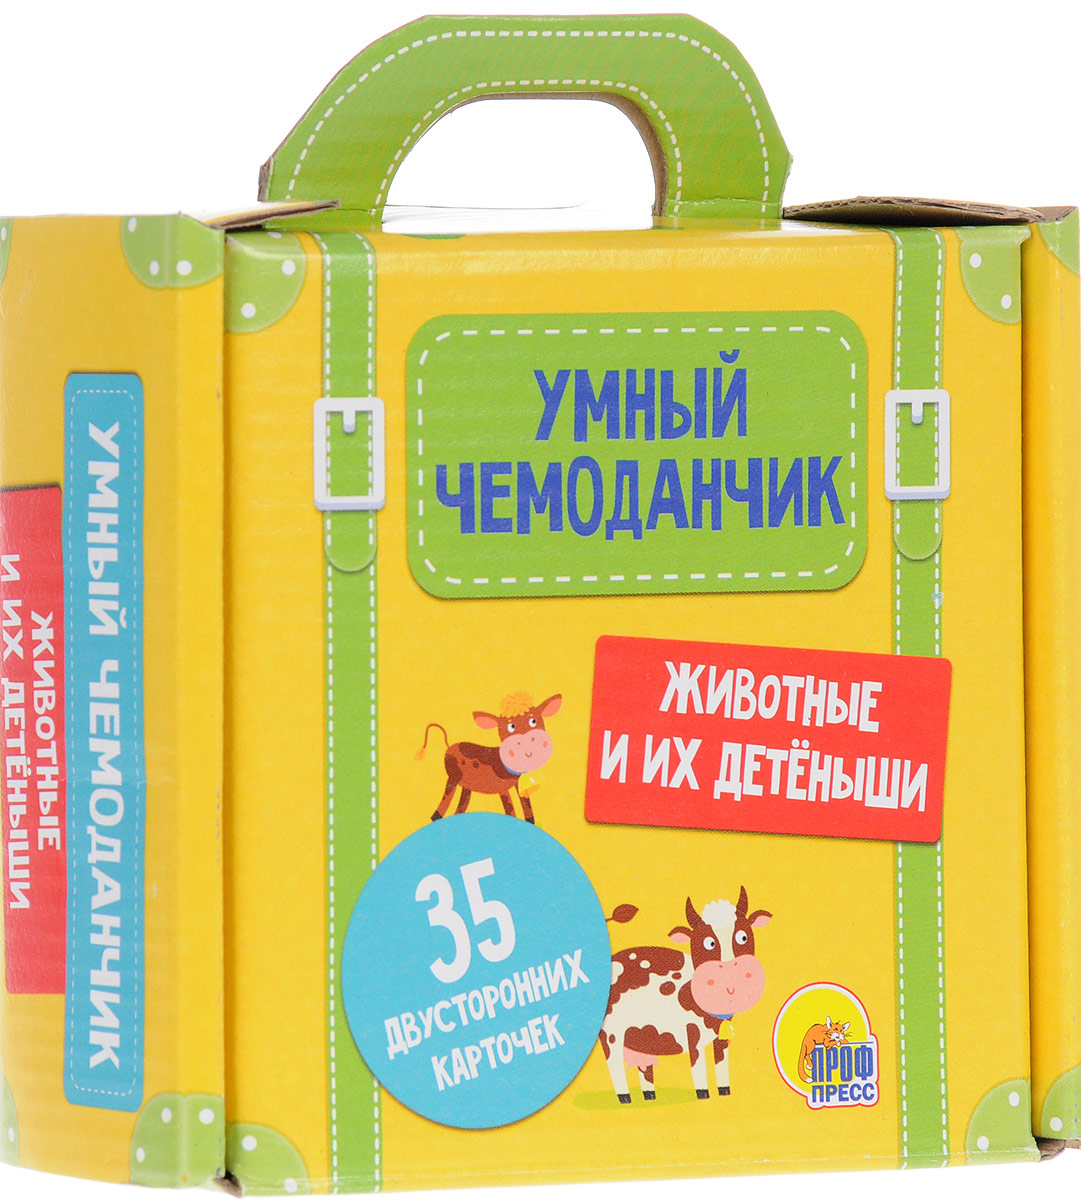 Проф-пресс Обучающие карточки Умный чемоданчик Животные и их детеныши проф пресс обучающие карточки умный чемоданчик животные и их детеныши